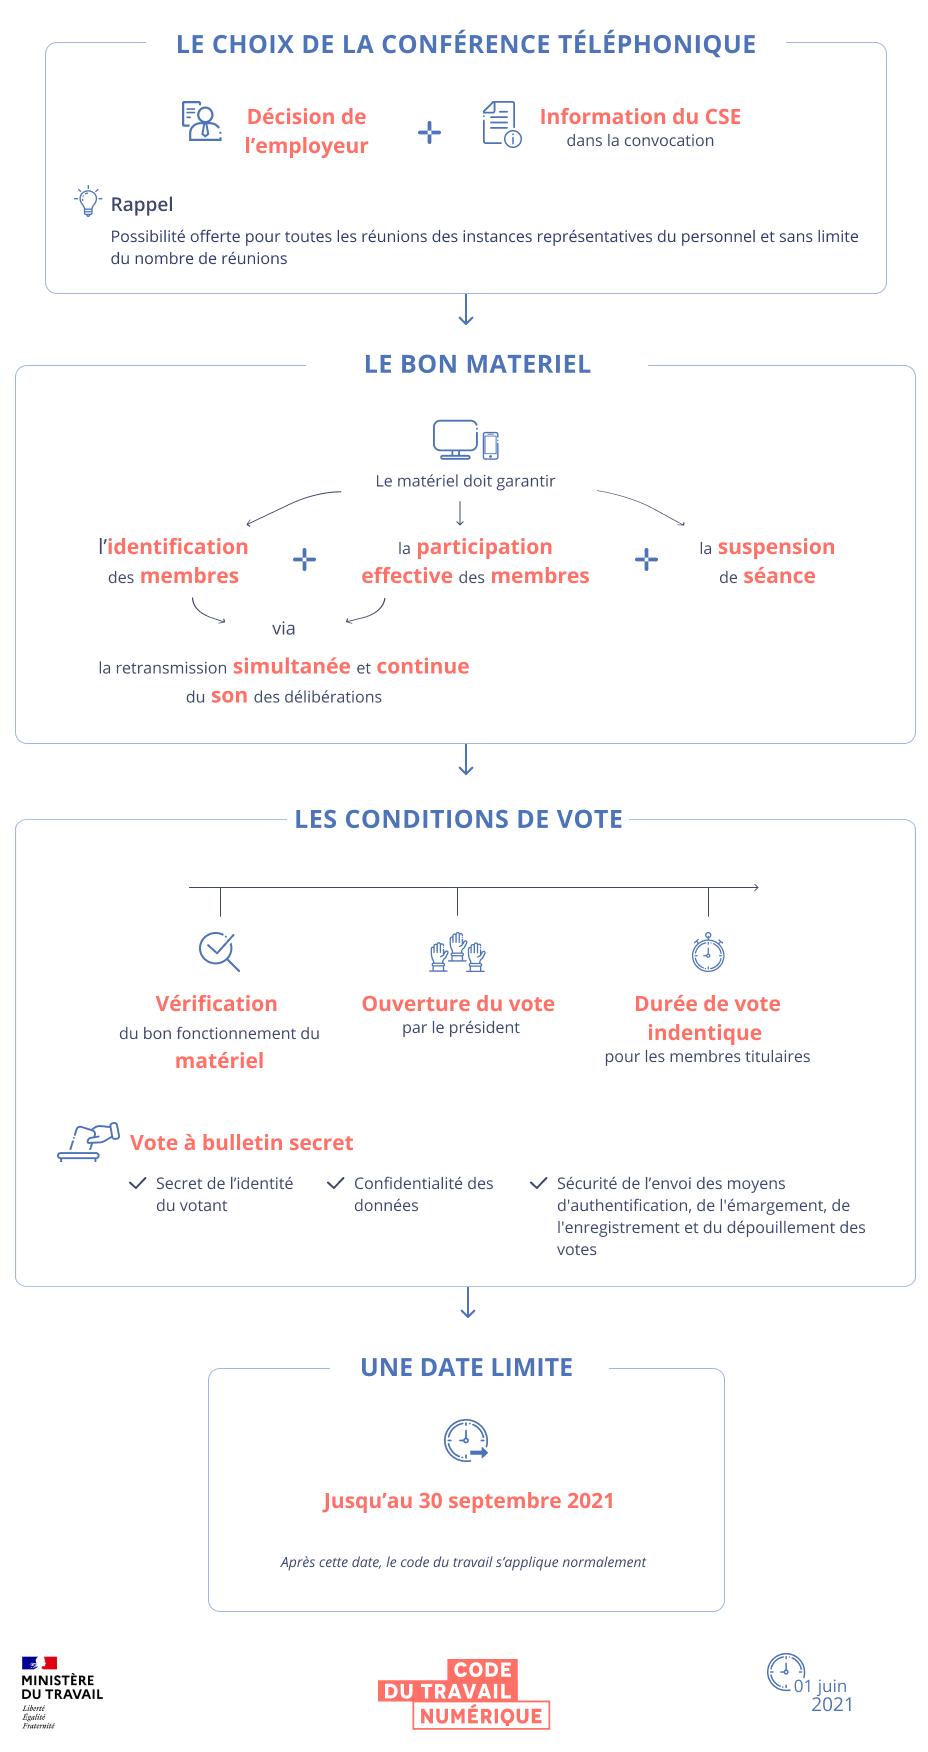 Infographie synthétisant les conditions de réunion du CSE par conférence téléphonique. Une version textuelle est disponible en dessous.